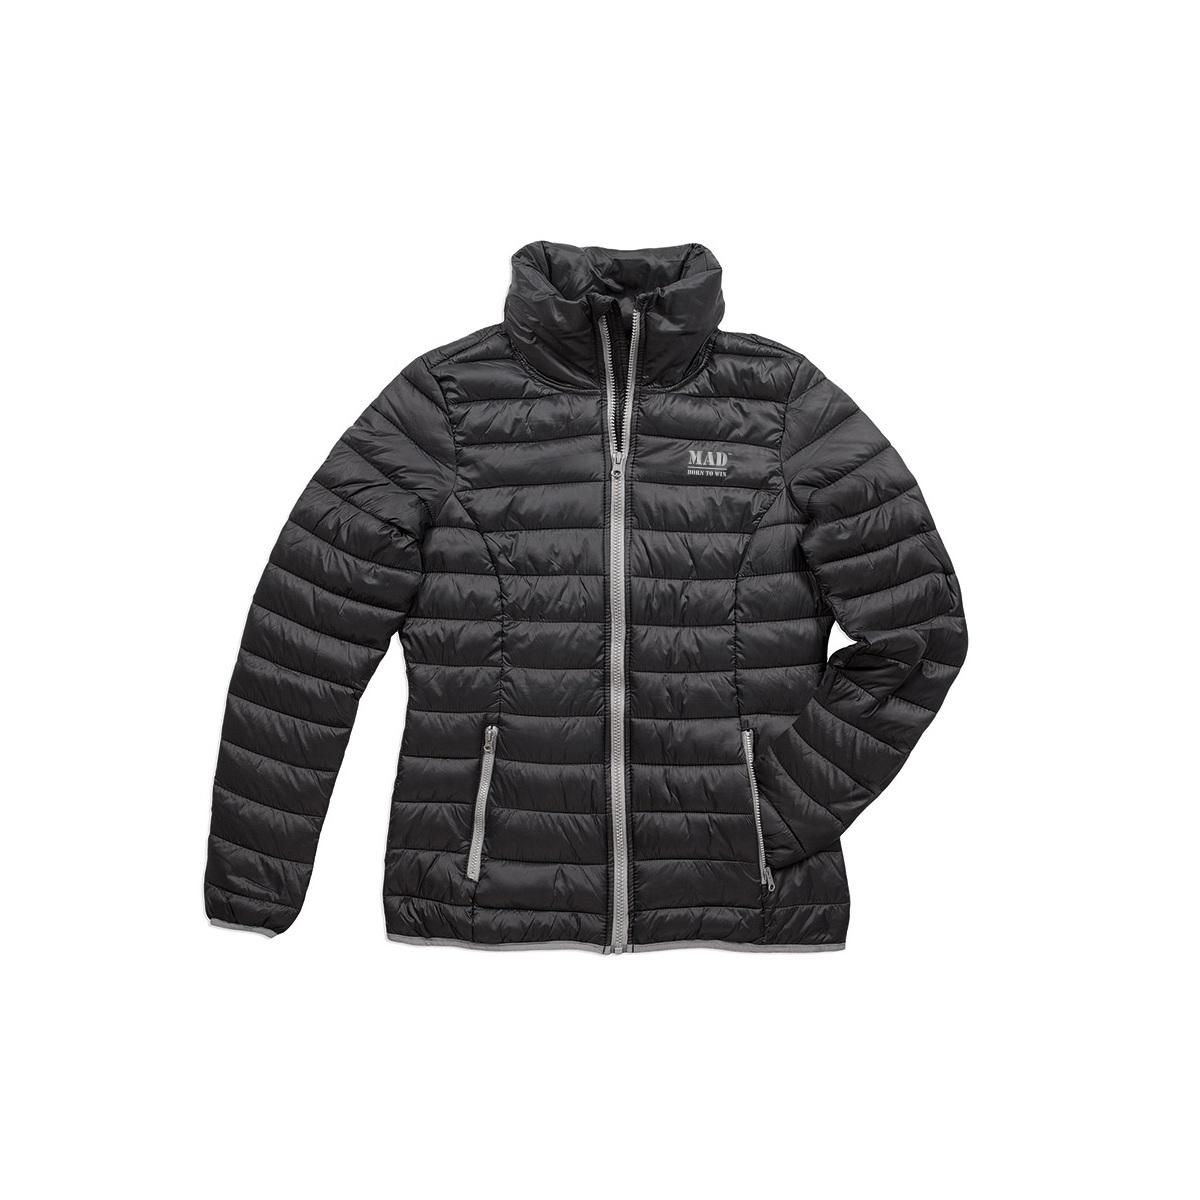 спортивные куртки женские, спортивные куртки женские зимние, куртка женская спортивная, теплая спортивная куртка женская, спортивные куртки женские зима